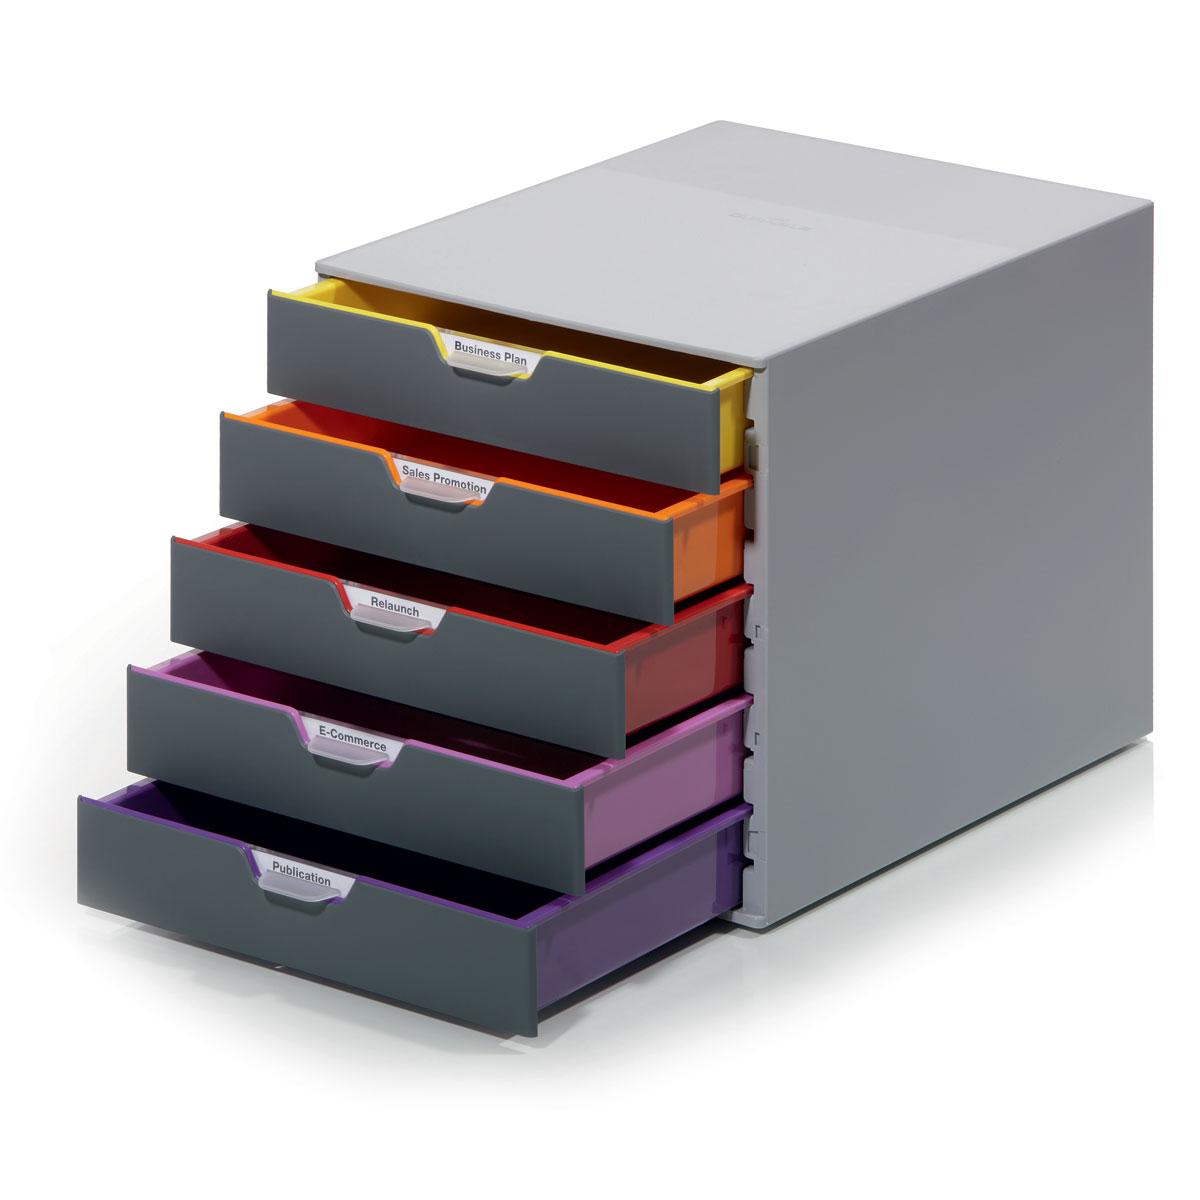 Короб для документов Durable Varicolor. 7605-277605-27Короб для документов Durable Varicolor выполнен из высококачественного пластика. Выдвижные ящики закрытого типа оснащены стопорами и табуляторами для маркировки. Боксы можно устанавливать друг на друга, фиксируются при помощи резиновых ножек.